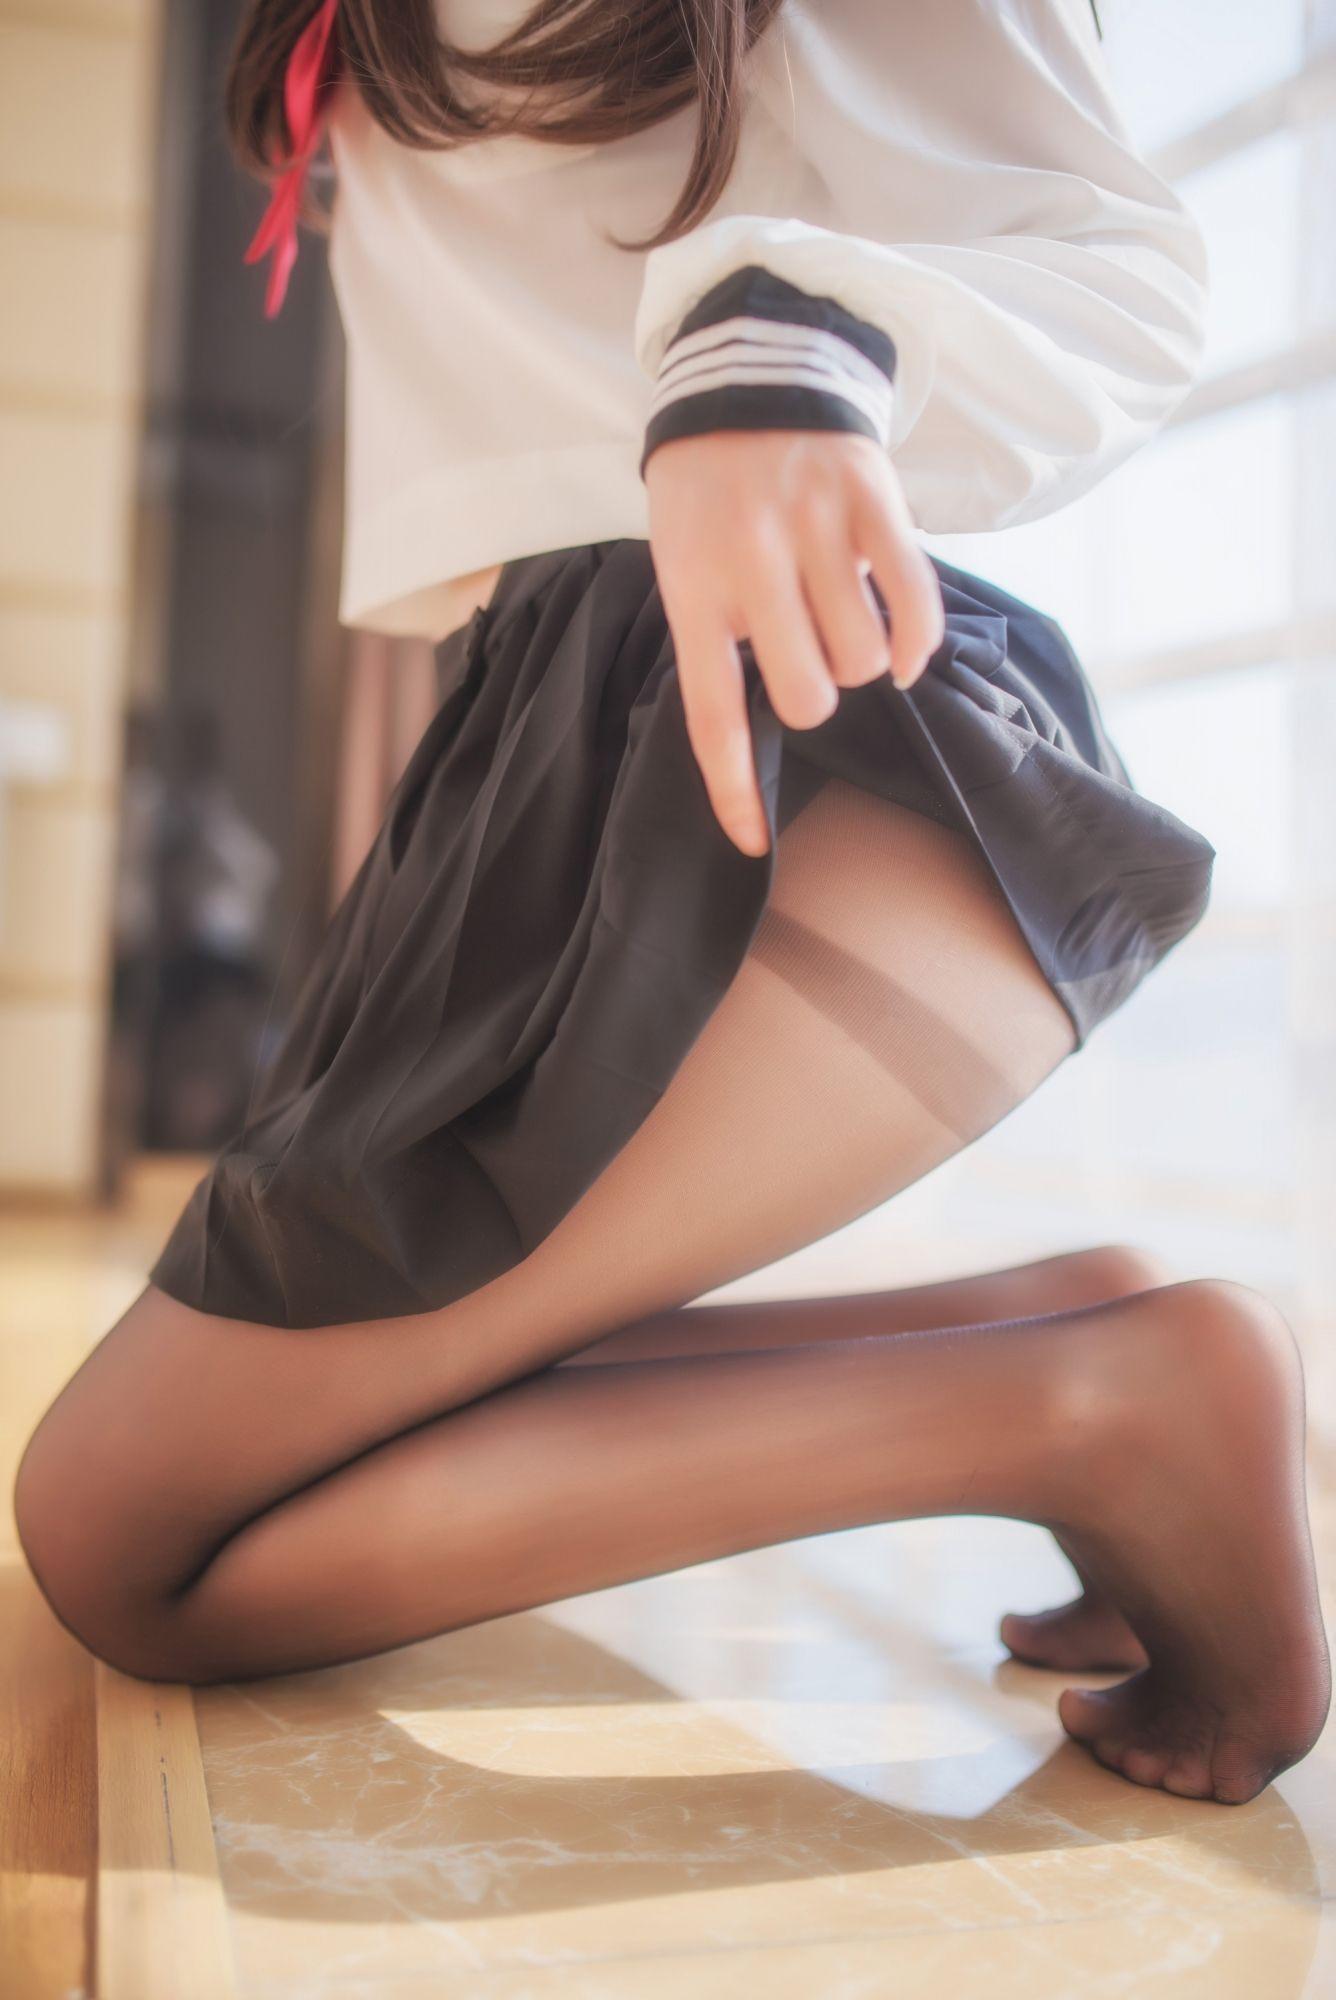 新春小甜点-JK 黑丝美少女